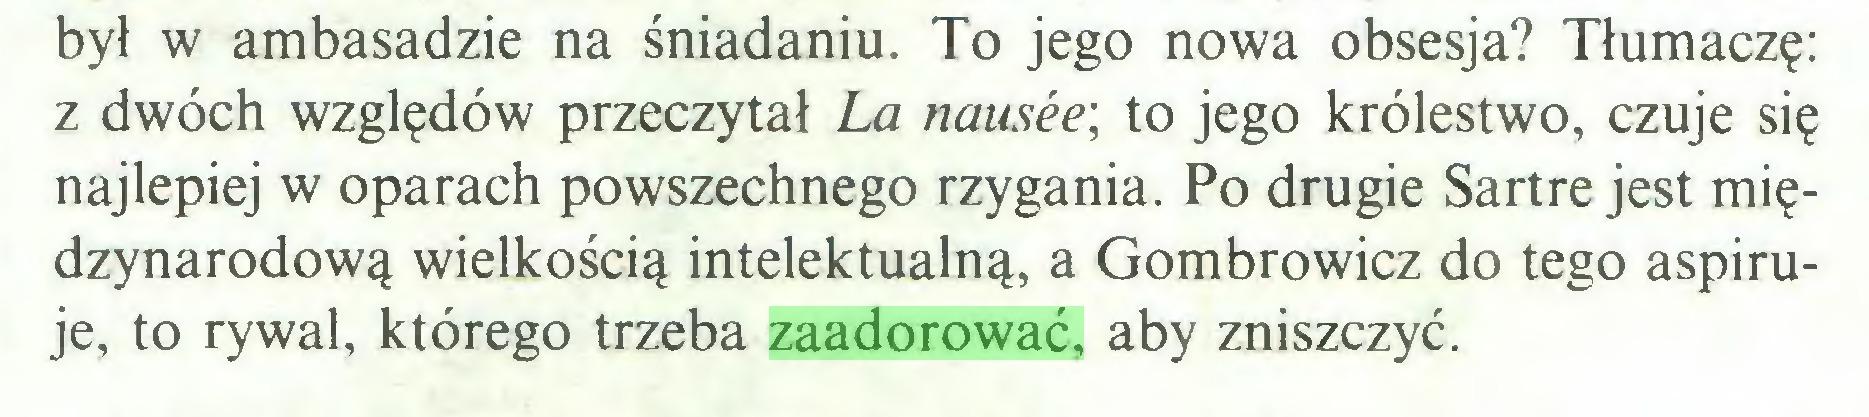 (...) był w ambasadzie na śniadaniu. To jego nowa obsesja? Tłumaczę: z dwóch względów przeczytał La nausee; to jego królestwo, czuje się najlepiej w oparach powszechnego rzygania. Po drugie Sartre jest międzynarodową wielkością intelektualną, a Gombrowicz do tego aspiruje, to rywal, którego trzeba zaadorować, aby zniszczyć...